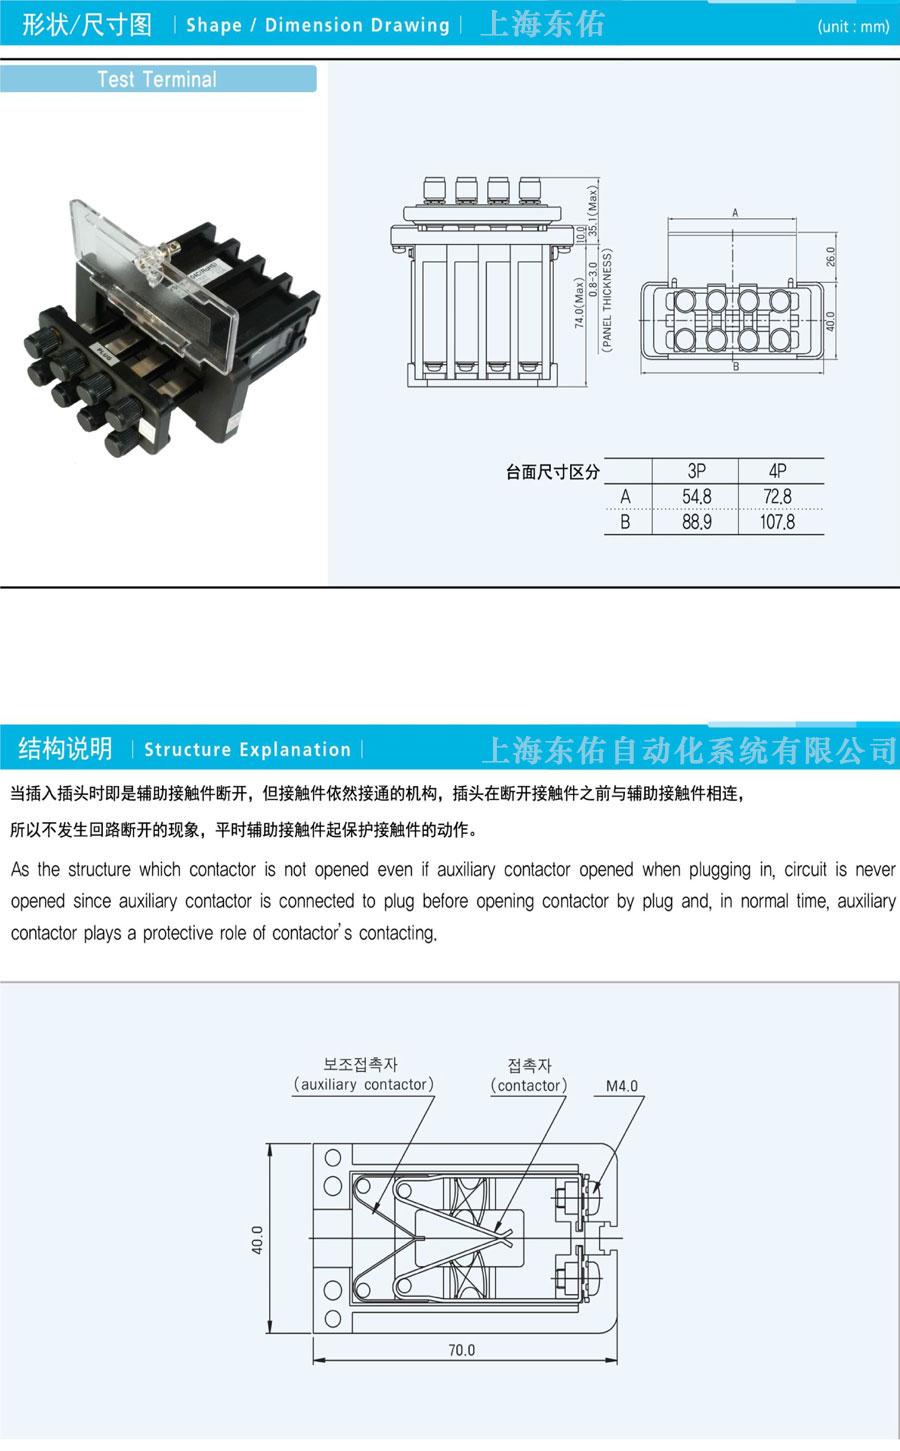 韓國龍聲YONGSUNG電流及電壓測試端子YSCTT-04S以及YSPTT-04S選型圖冊。